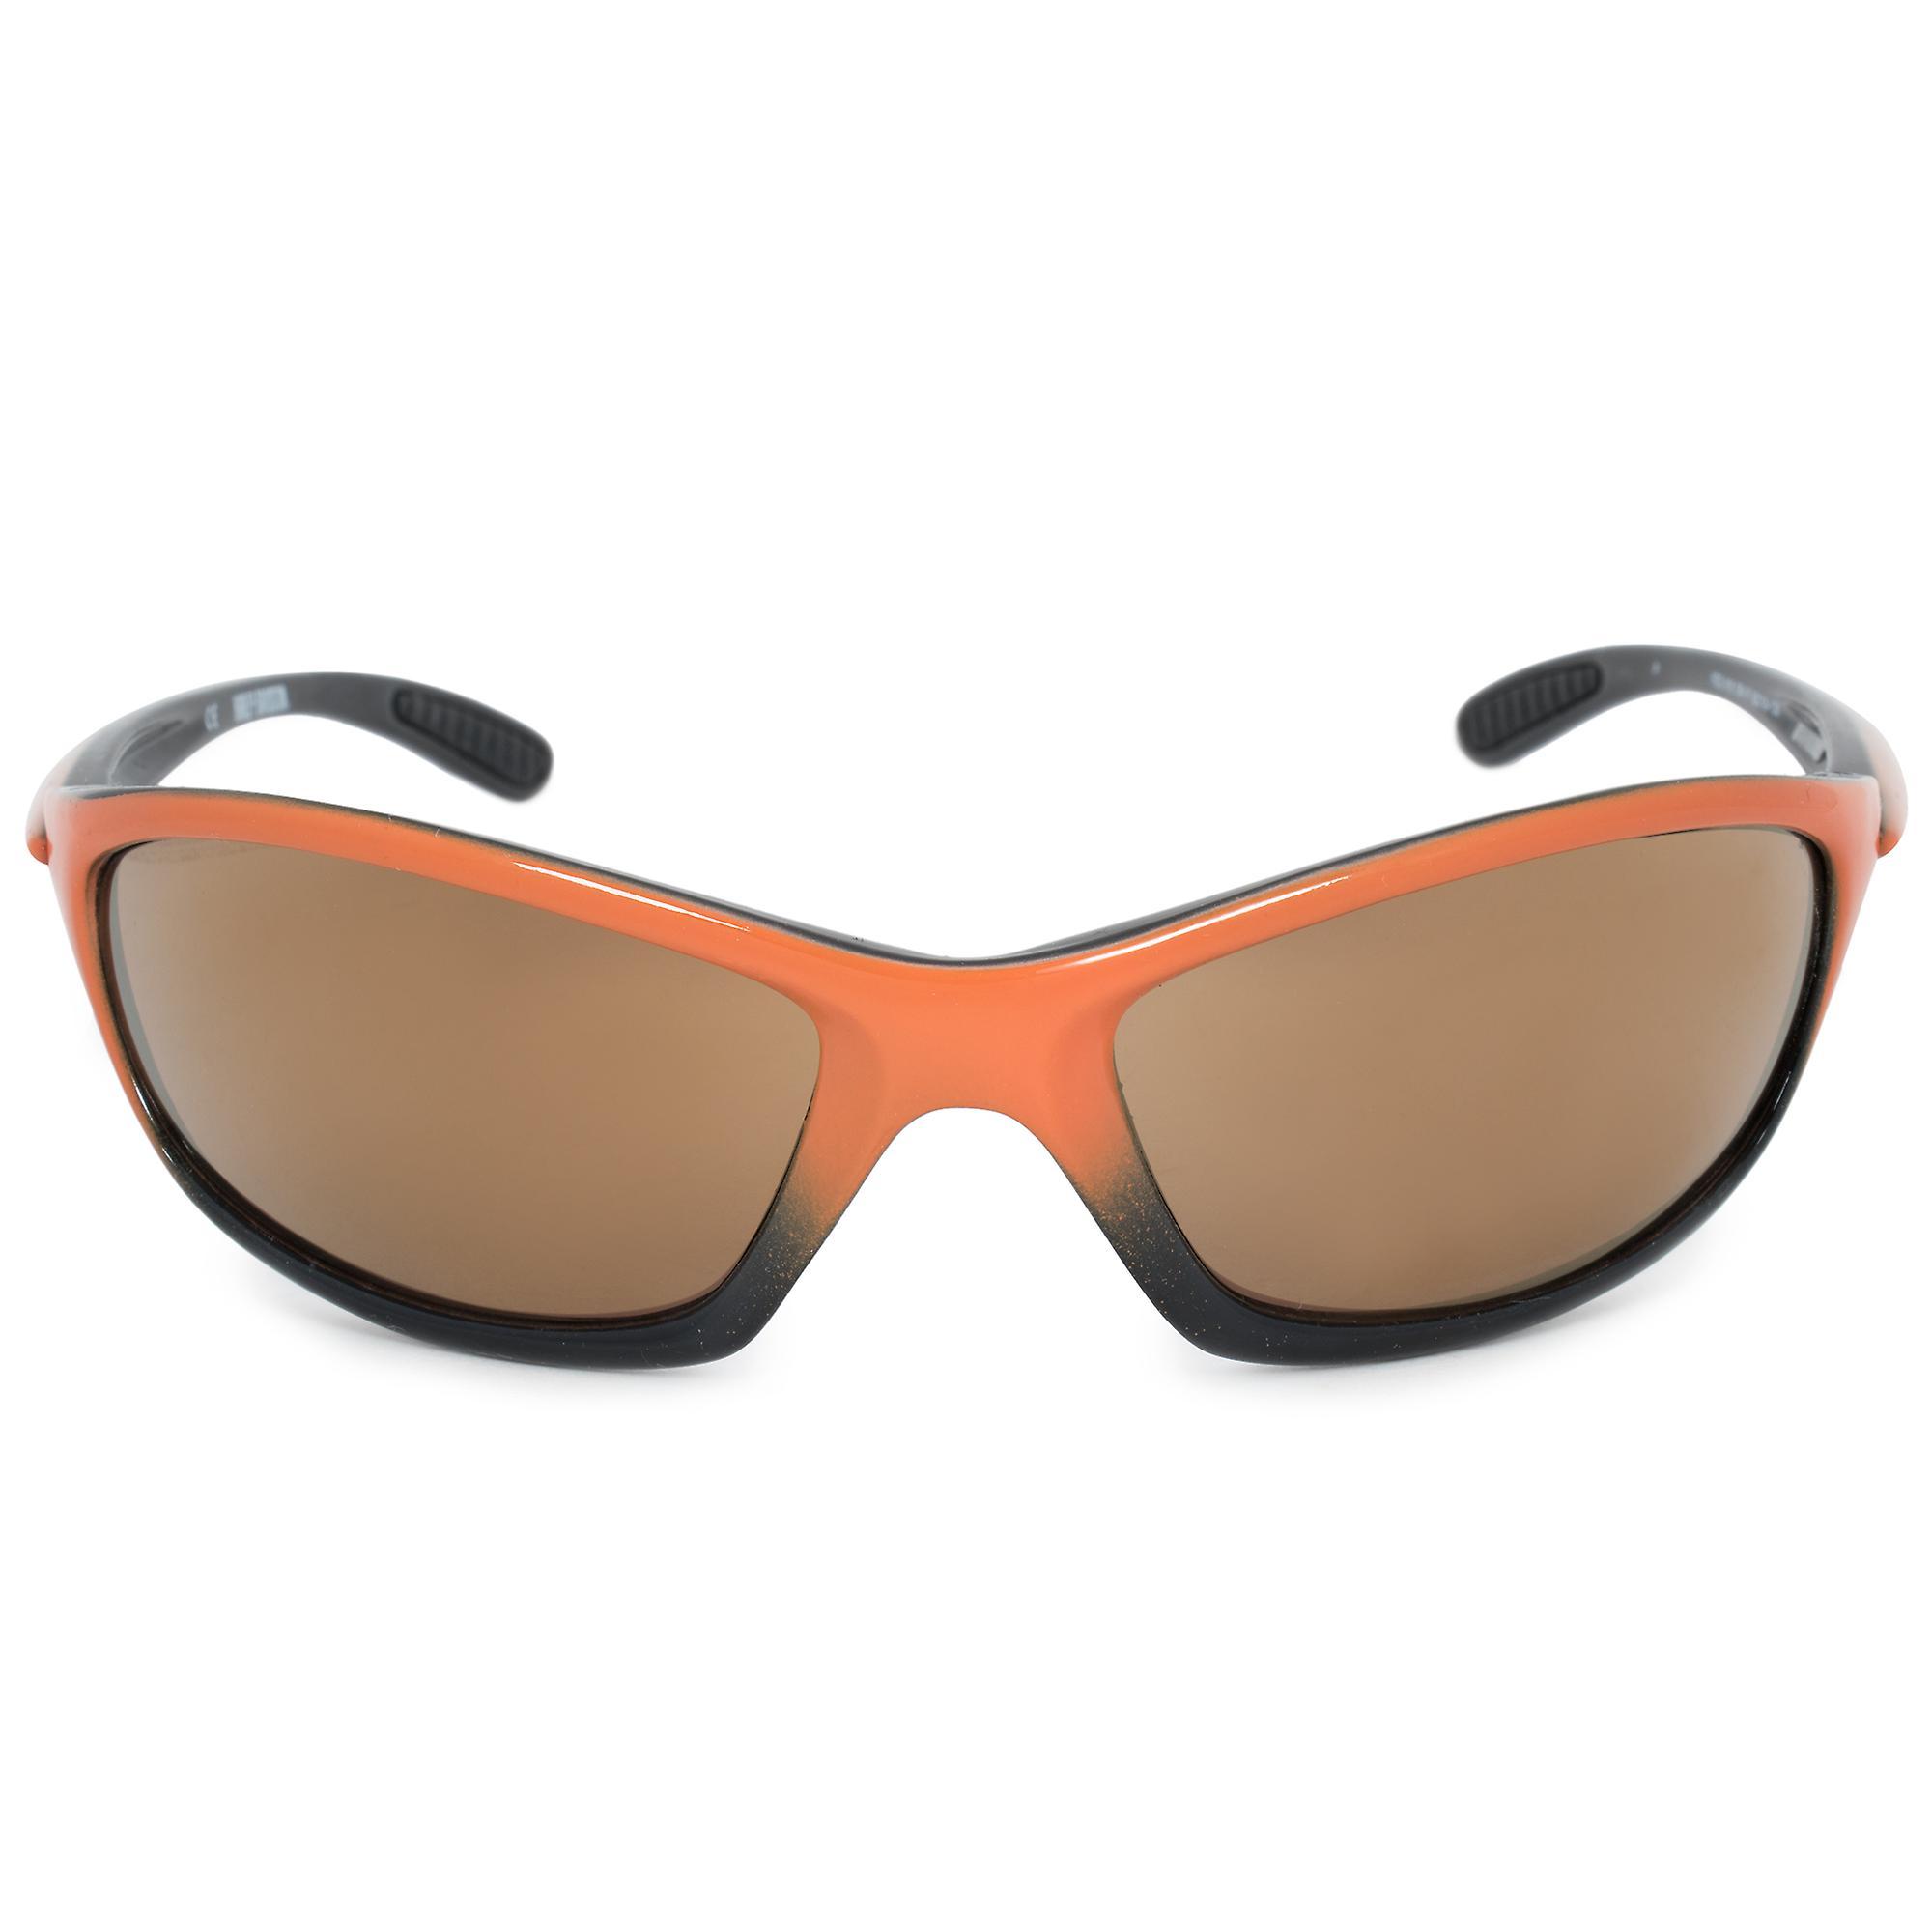 dc7038dbc984c Harley Davidson Rectangle lunettes de soleil HDS0616 ou 1F 62